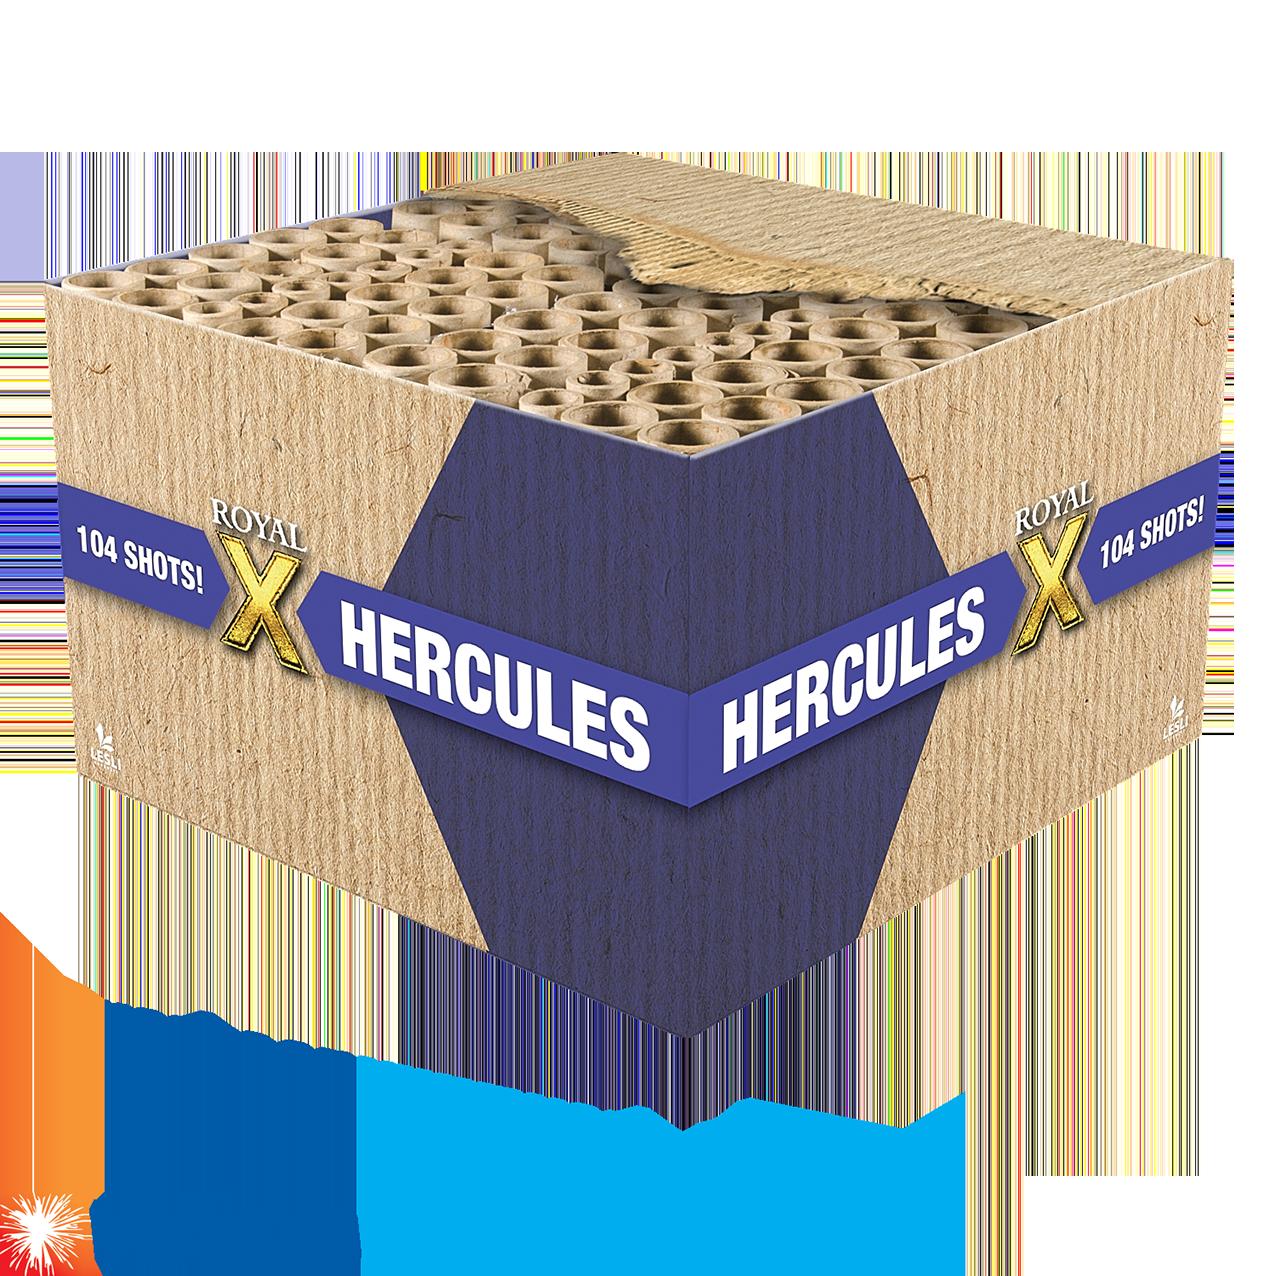 Hercules 104 s